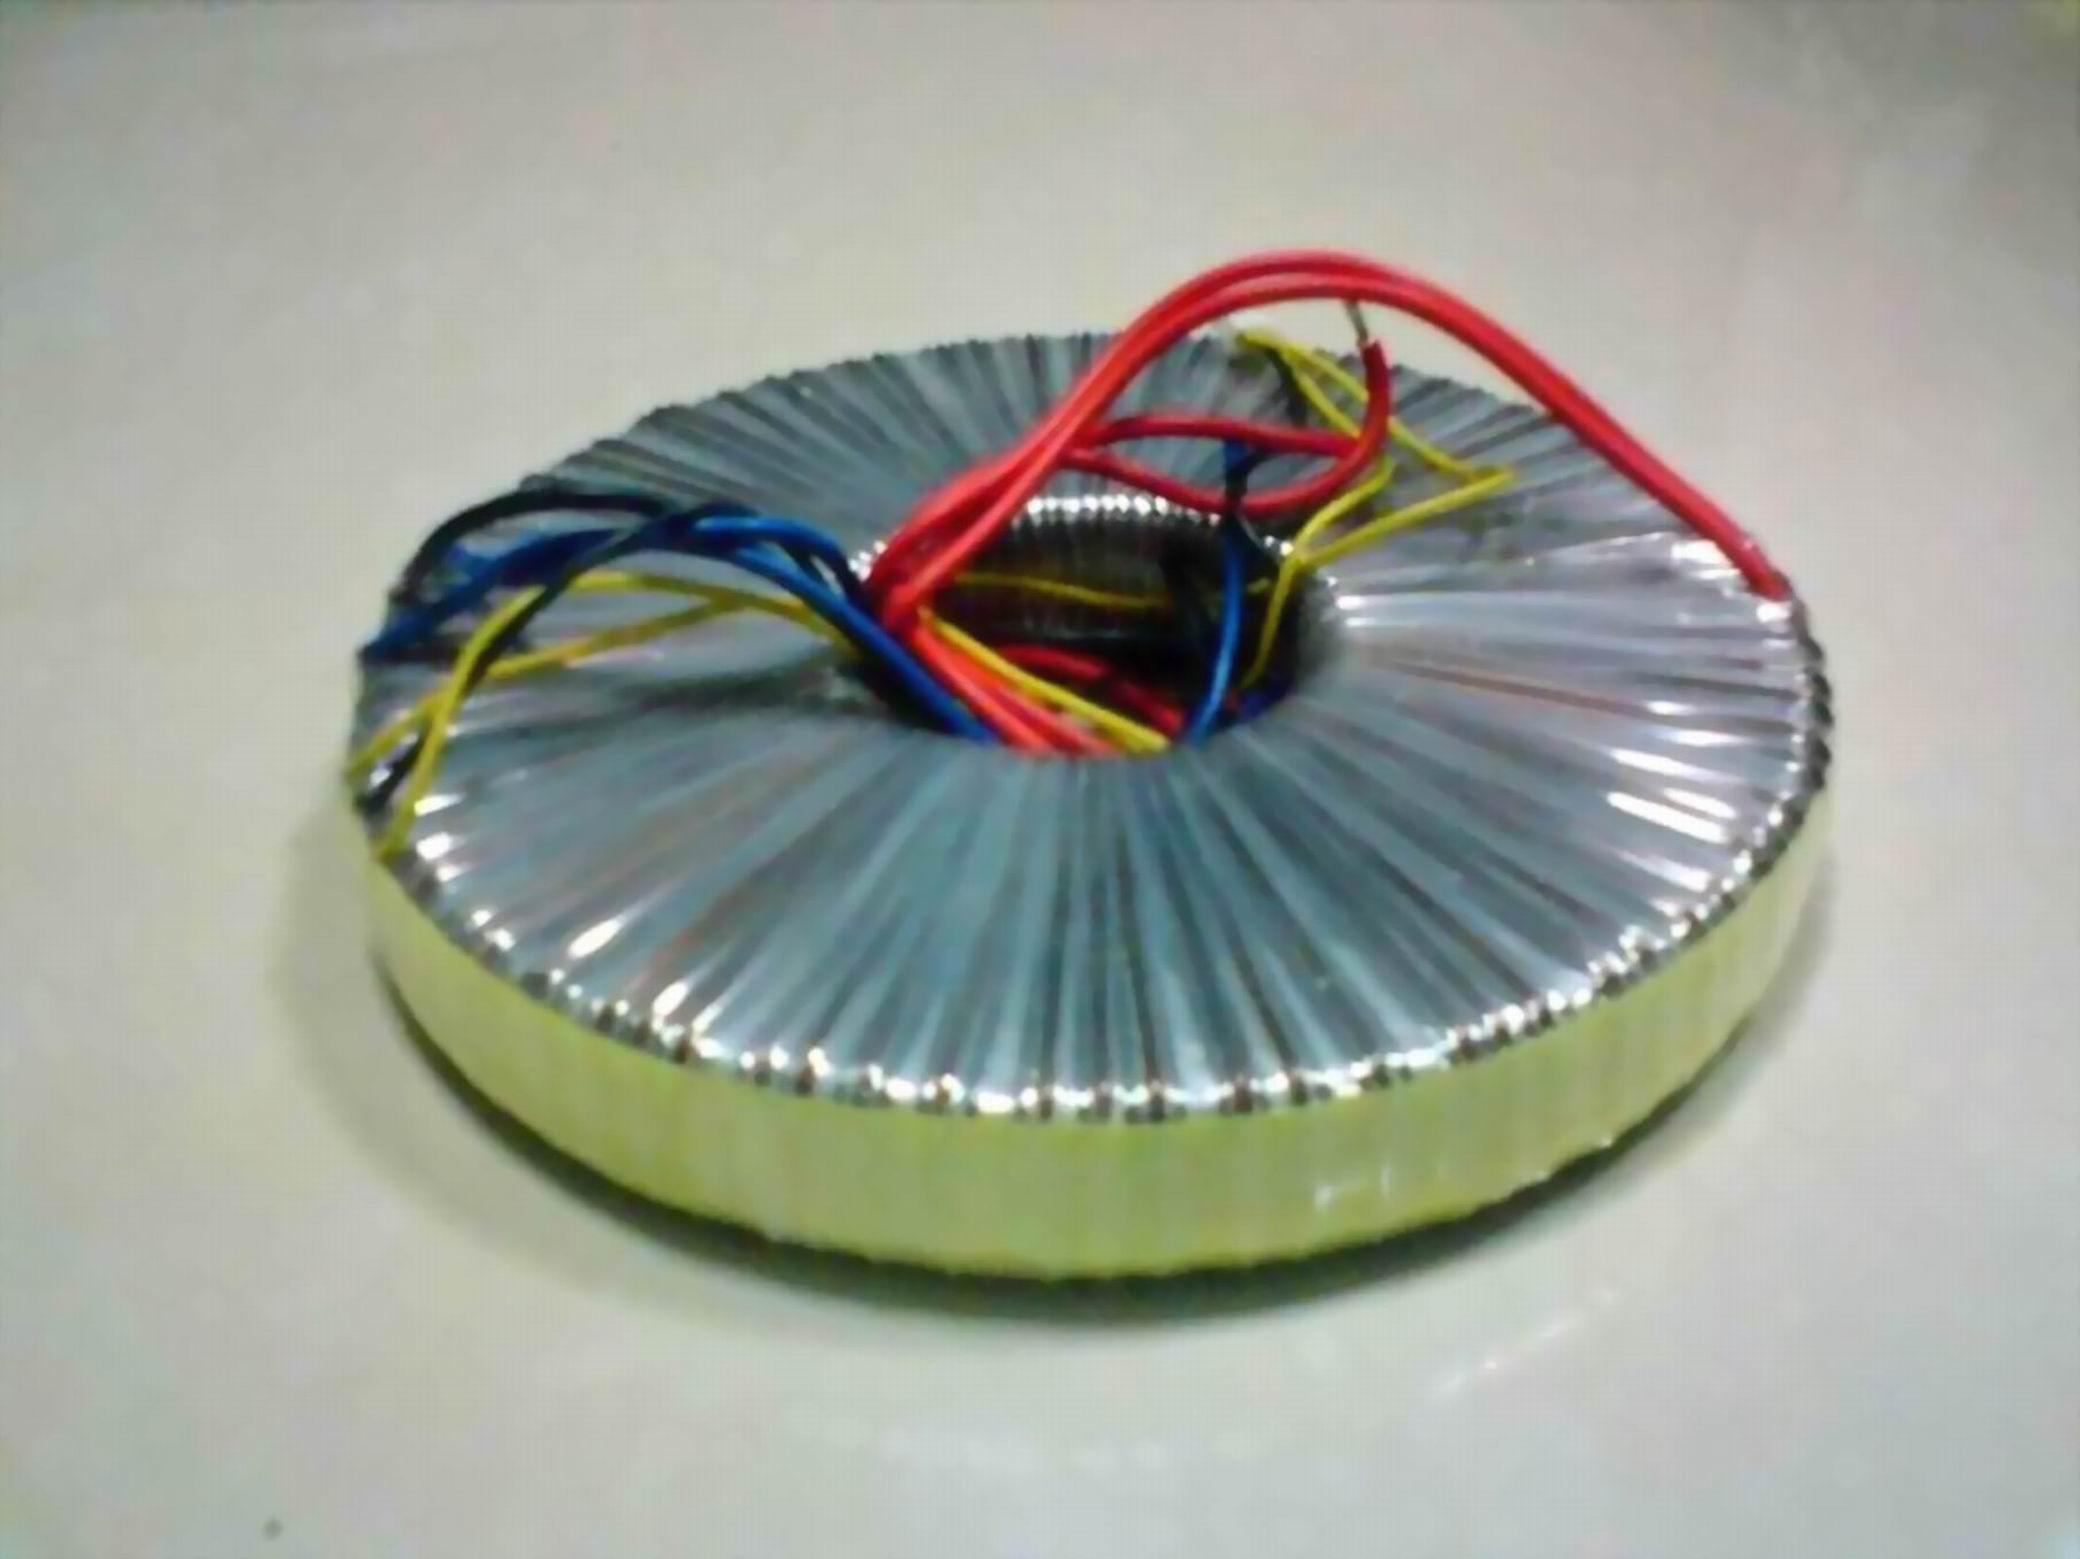 本厂所生产环形变压器取用优质铁芯和名牌漆包线绕